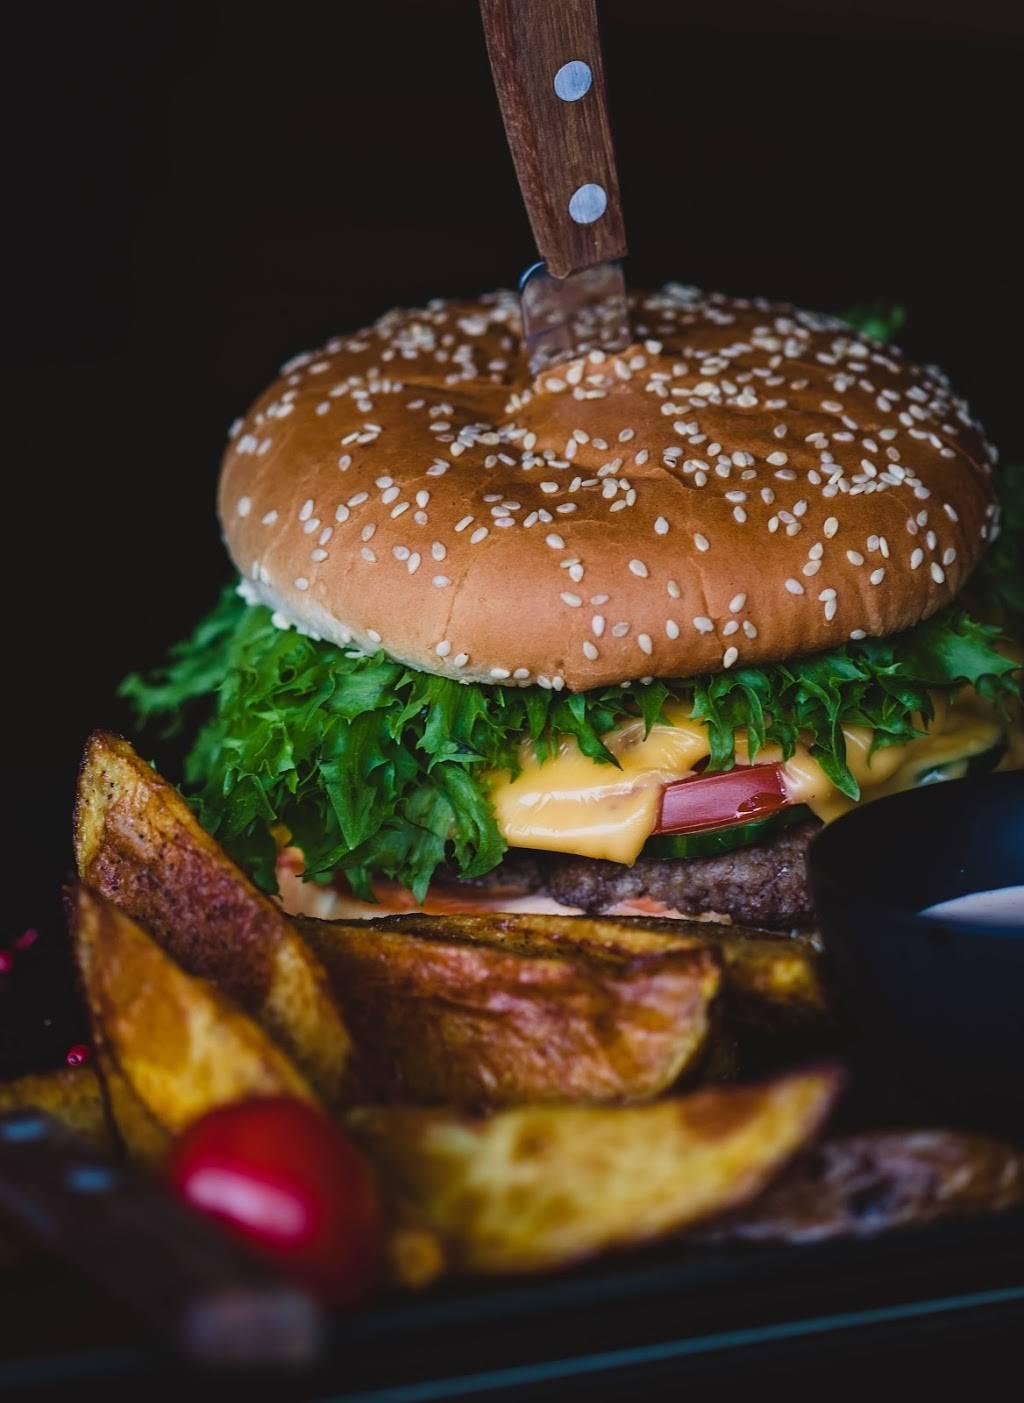 Petes Tavern | restaurant | 6531 Backlick Rd, Springfield, VA 22150, USA | 7038526888 OR +1 703-852-6888